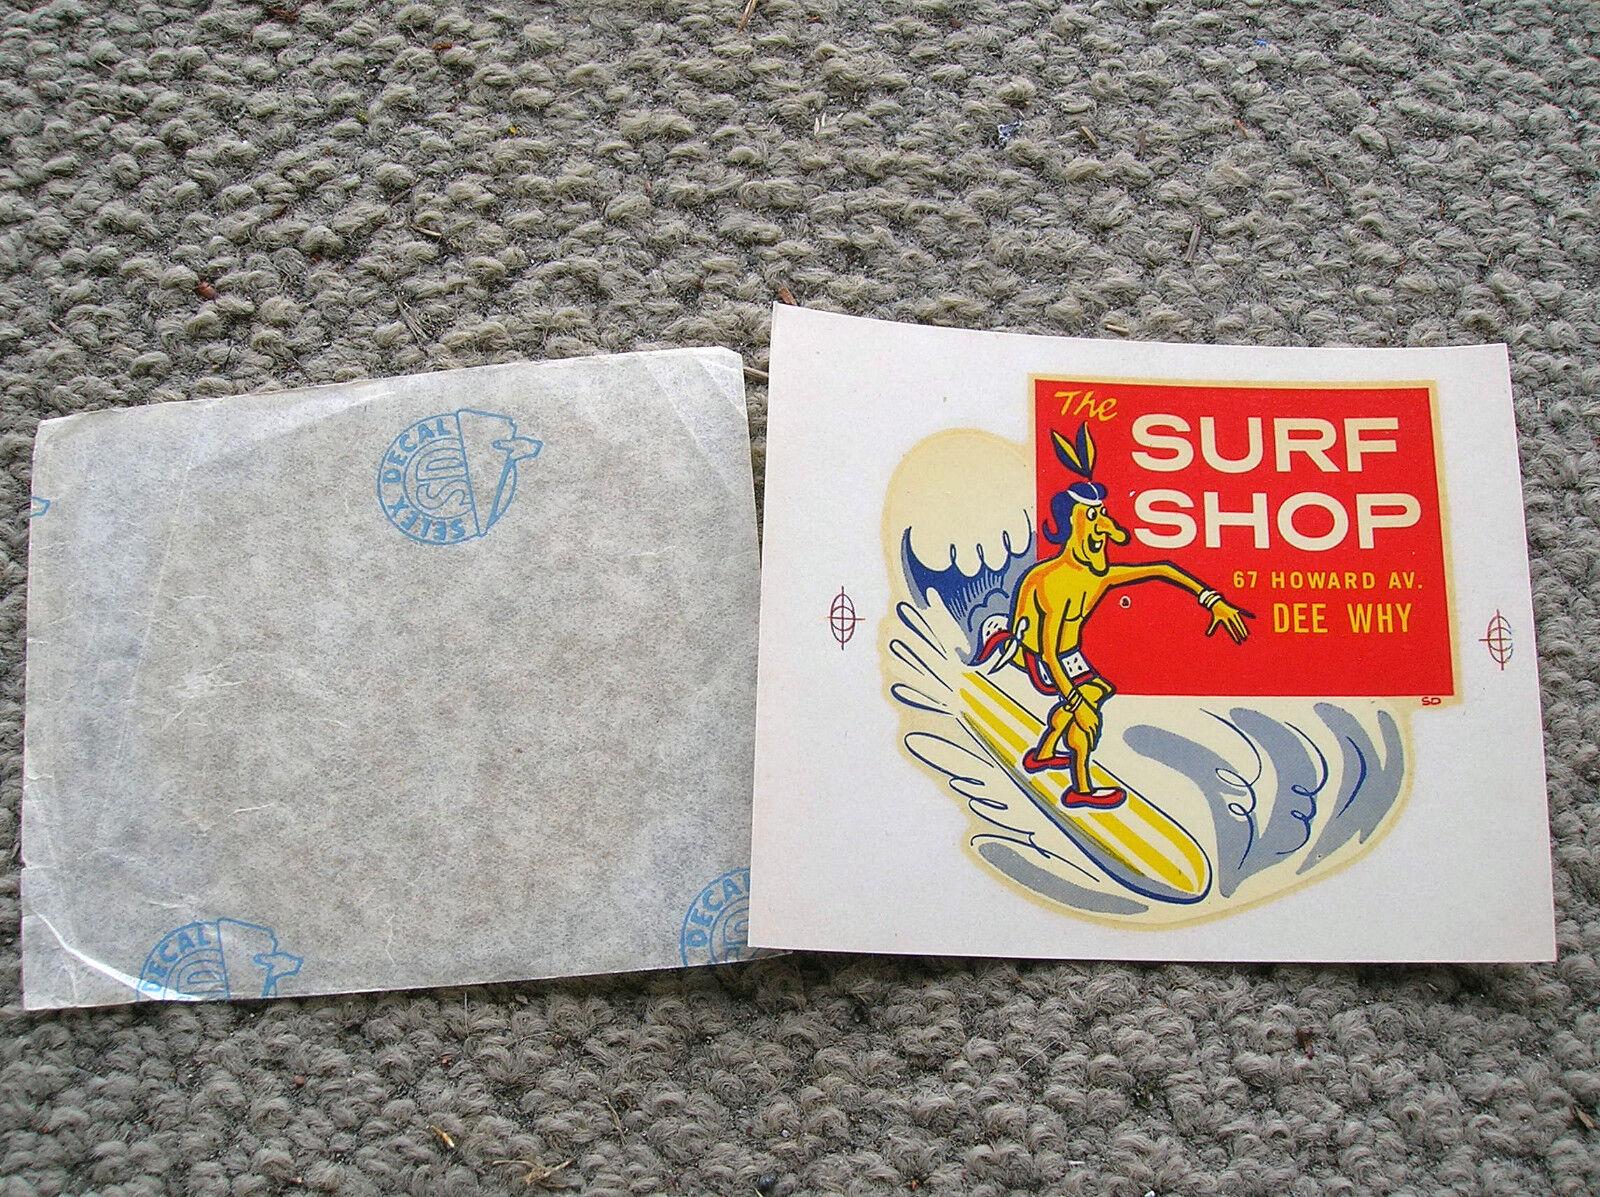 Vintage Surf Shop Dee por qué tobogán de agua hoja de calcomanías W Slip Surf Tabla De Surf 1960s